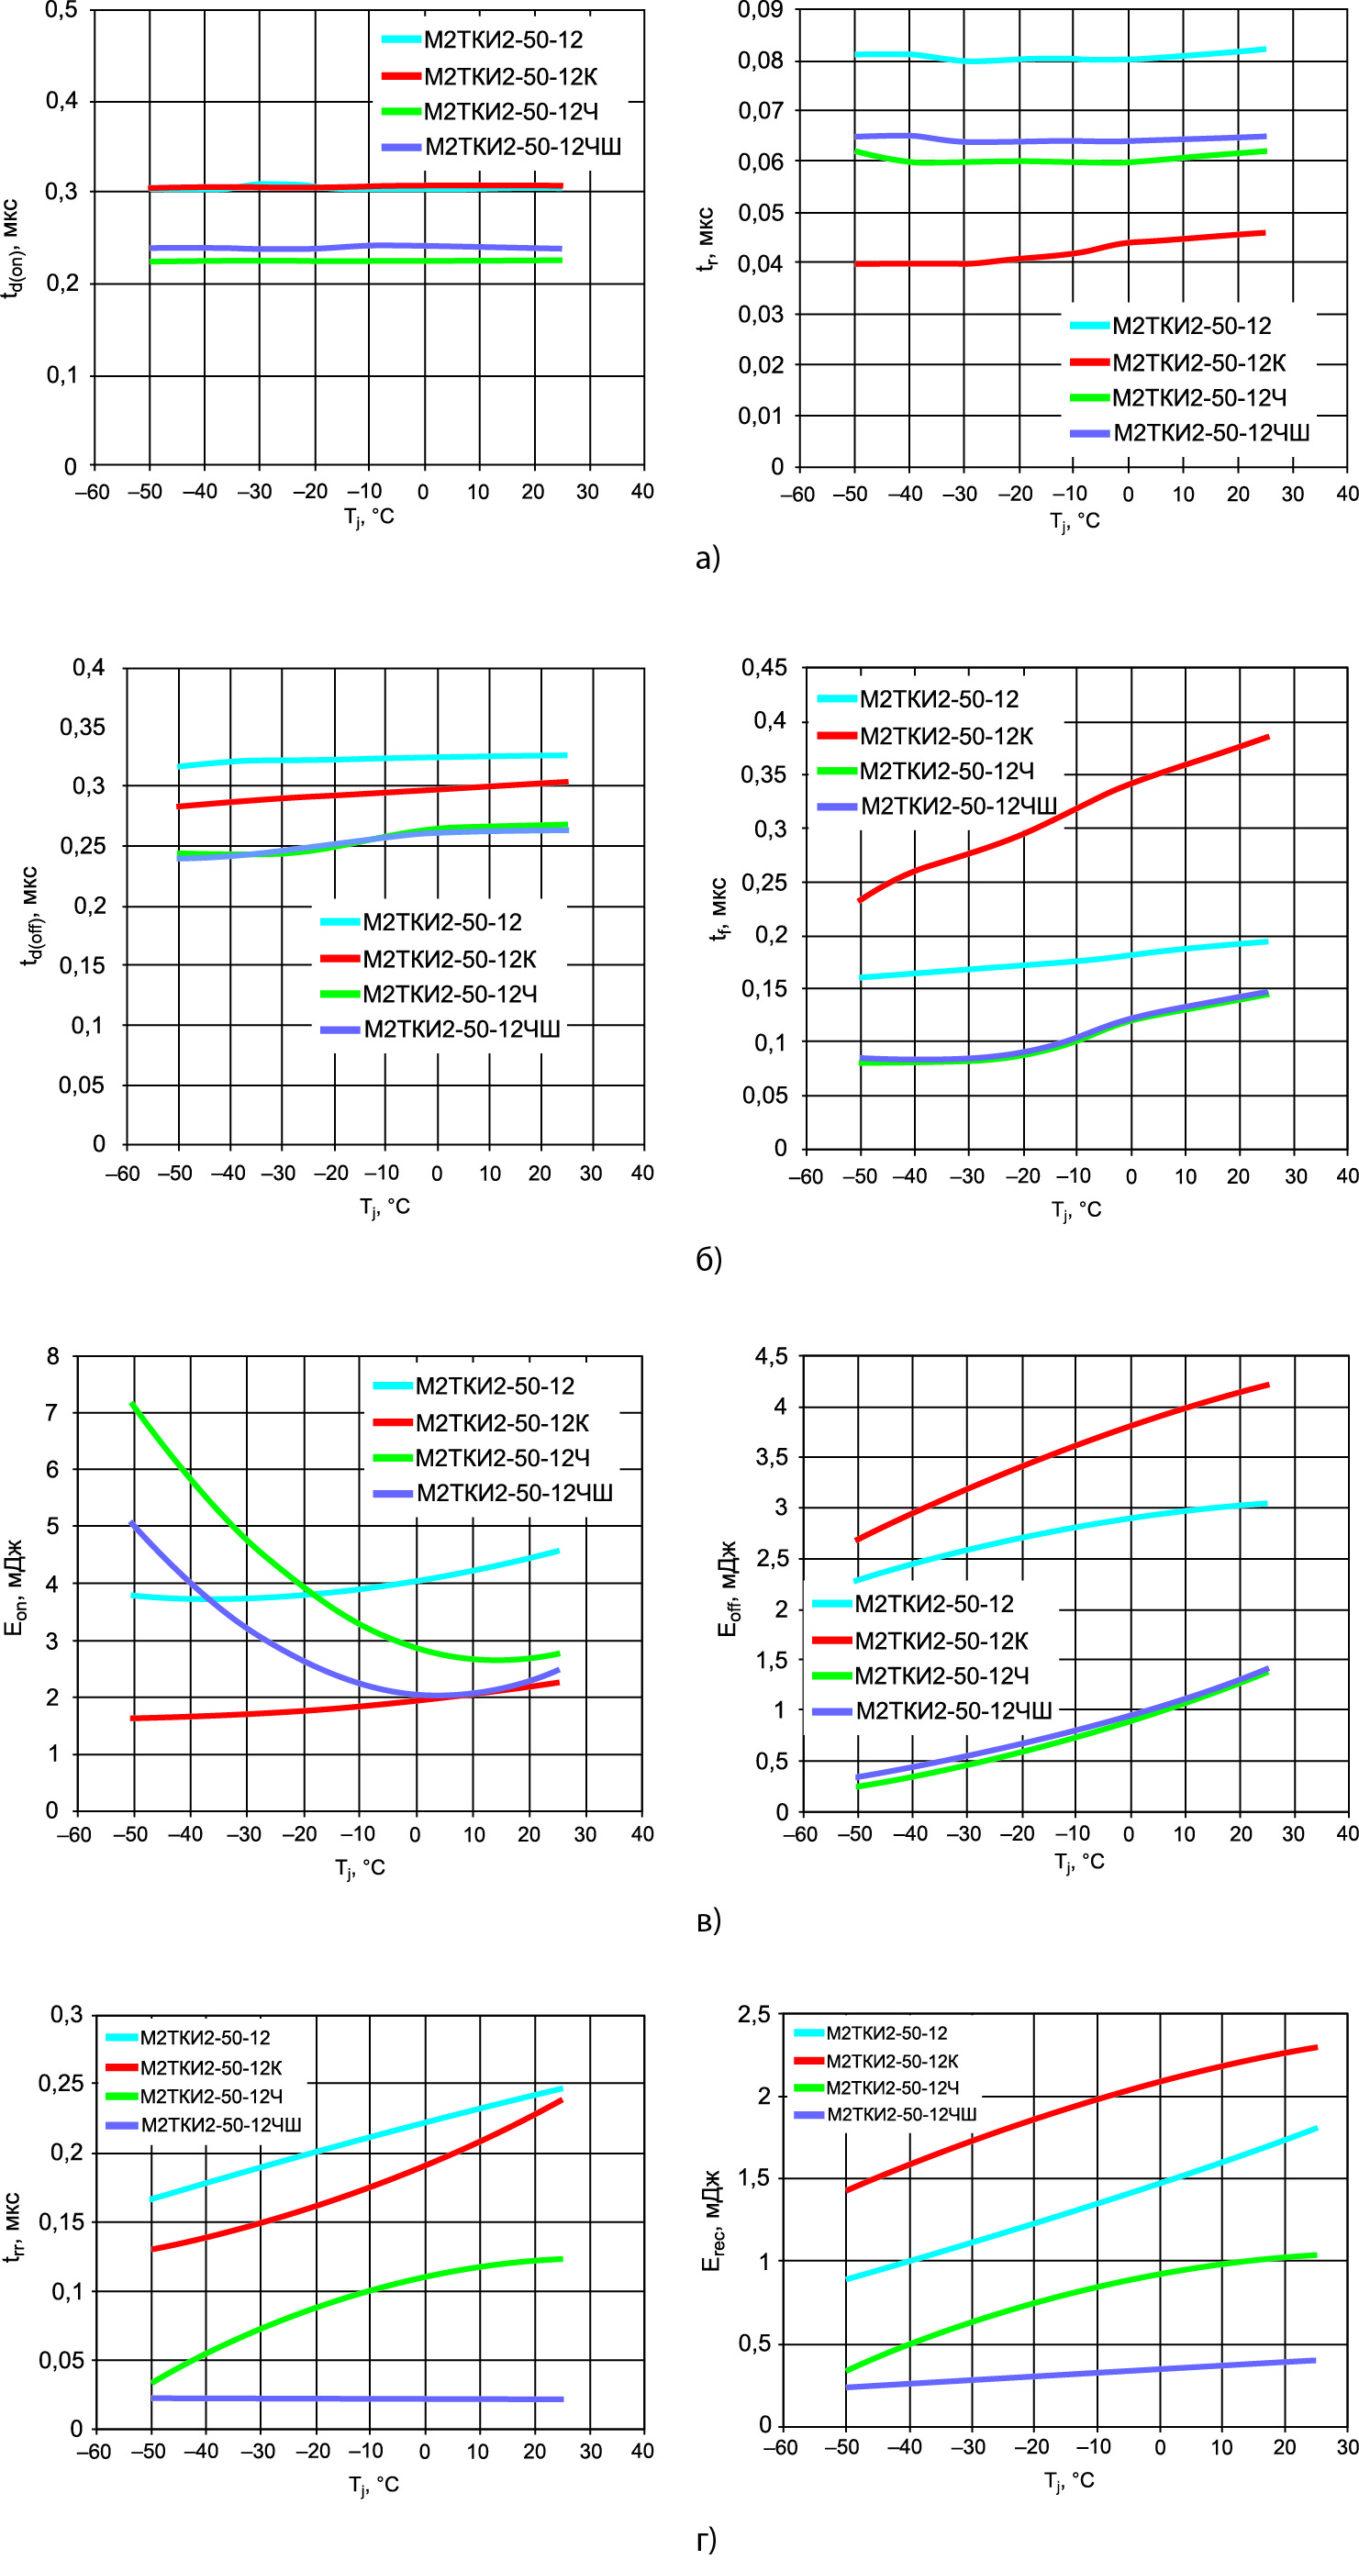 Температурные зависимости динамических параметров IGBT